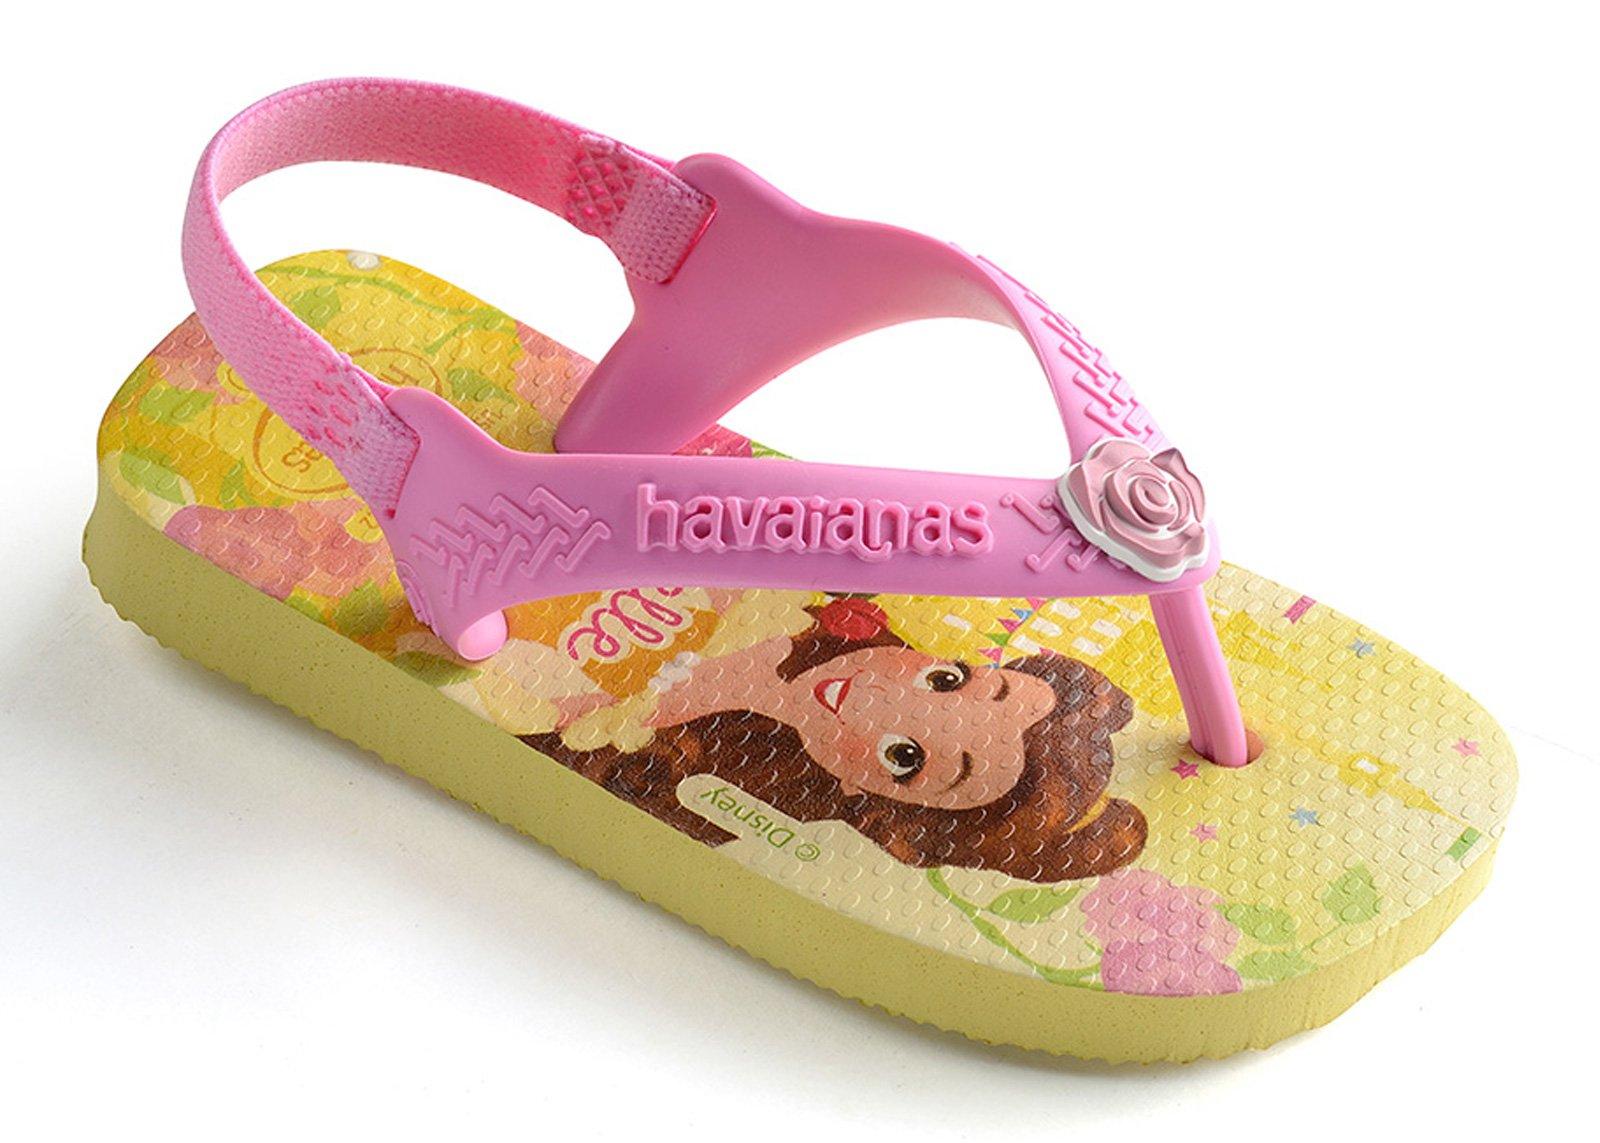 f264694fd2ae Sandales Baby Disney Princess Pollen Yellow - Marque Havaianas